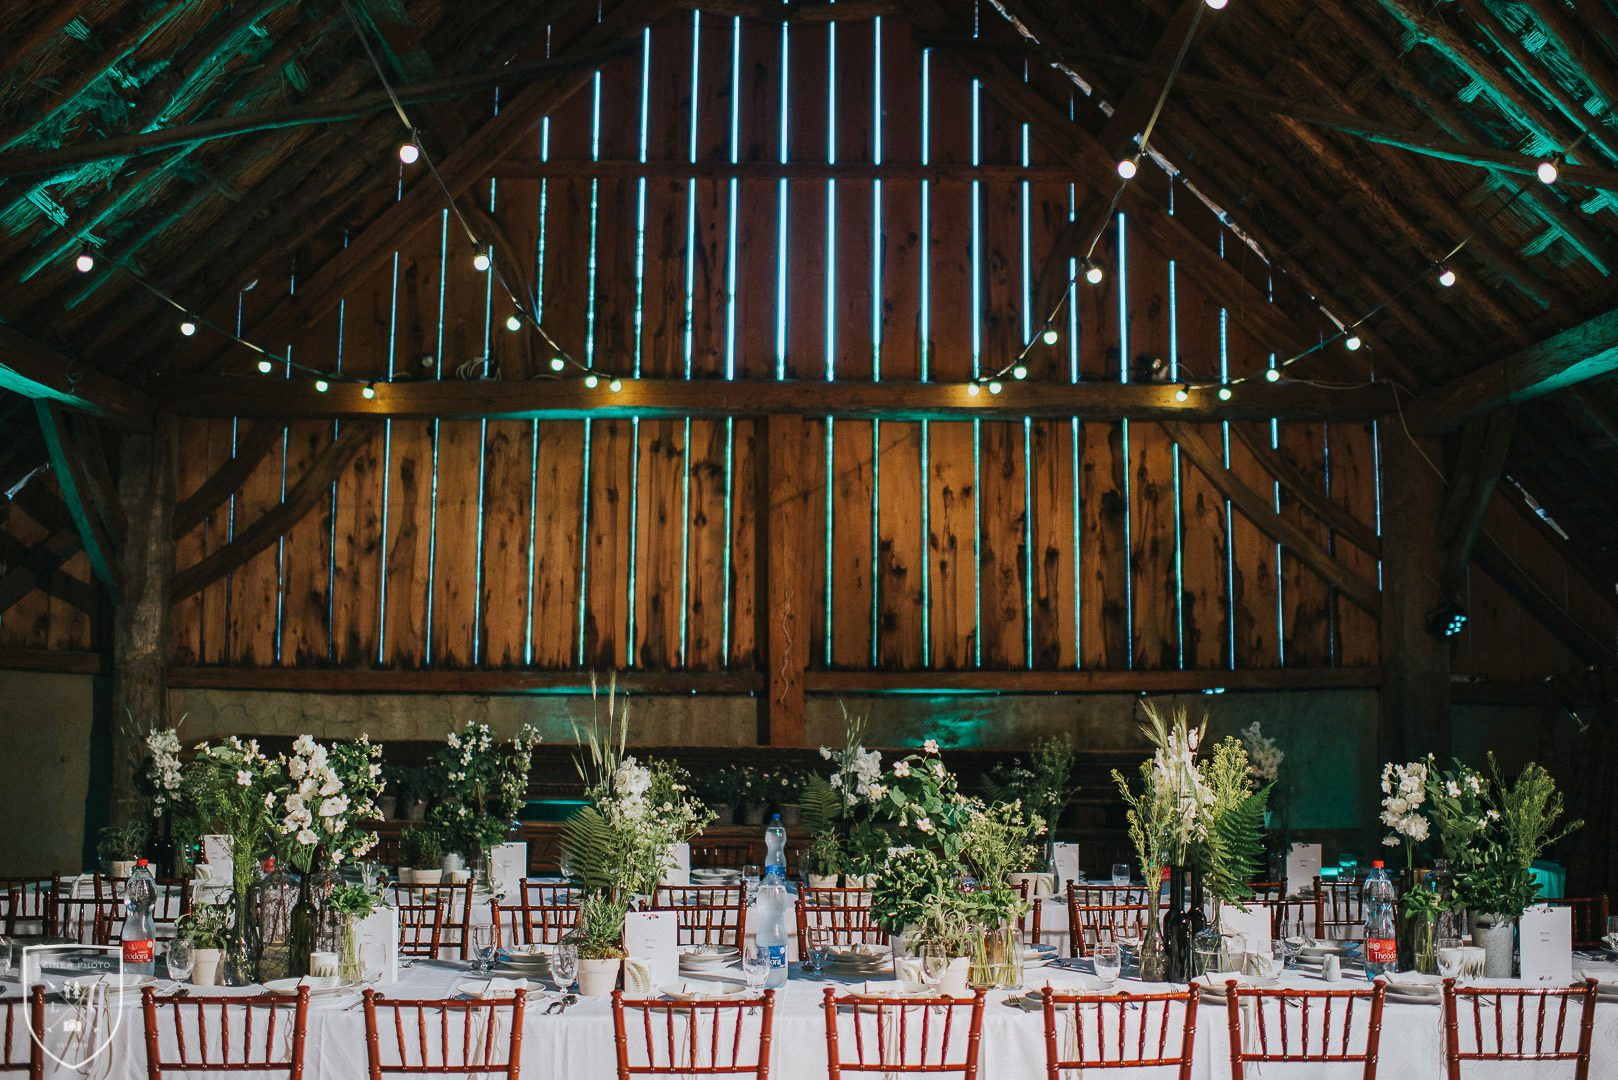 ,szentendrei skanzen,esküvő,kétnemzetiségű esküvő,daalarna ruha,